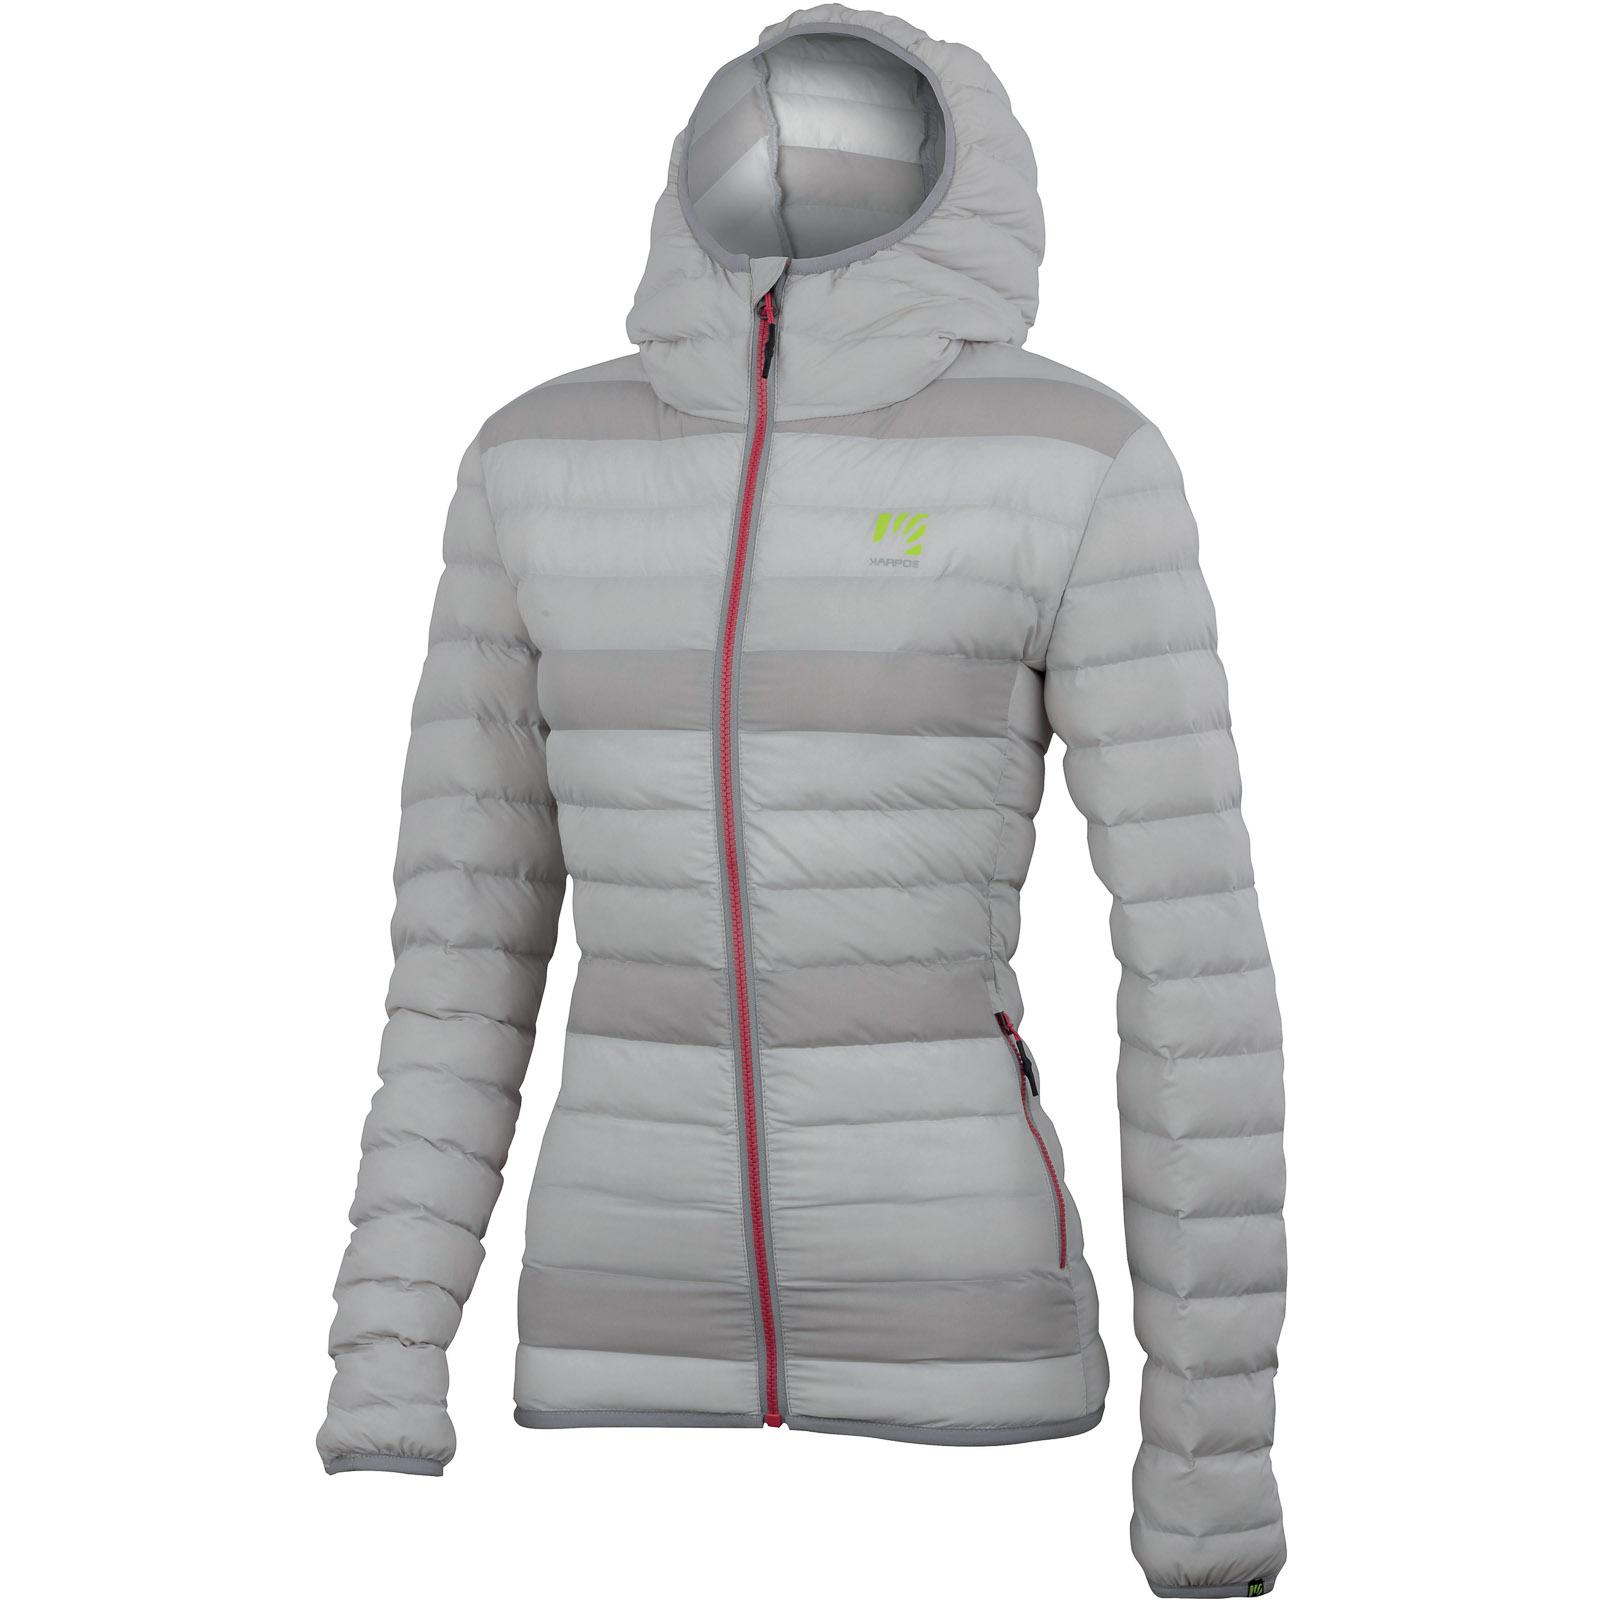 Dámska prešívaná bunda na jeseň zimu Karpos 83ed25d9a2c